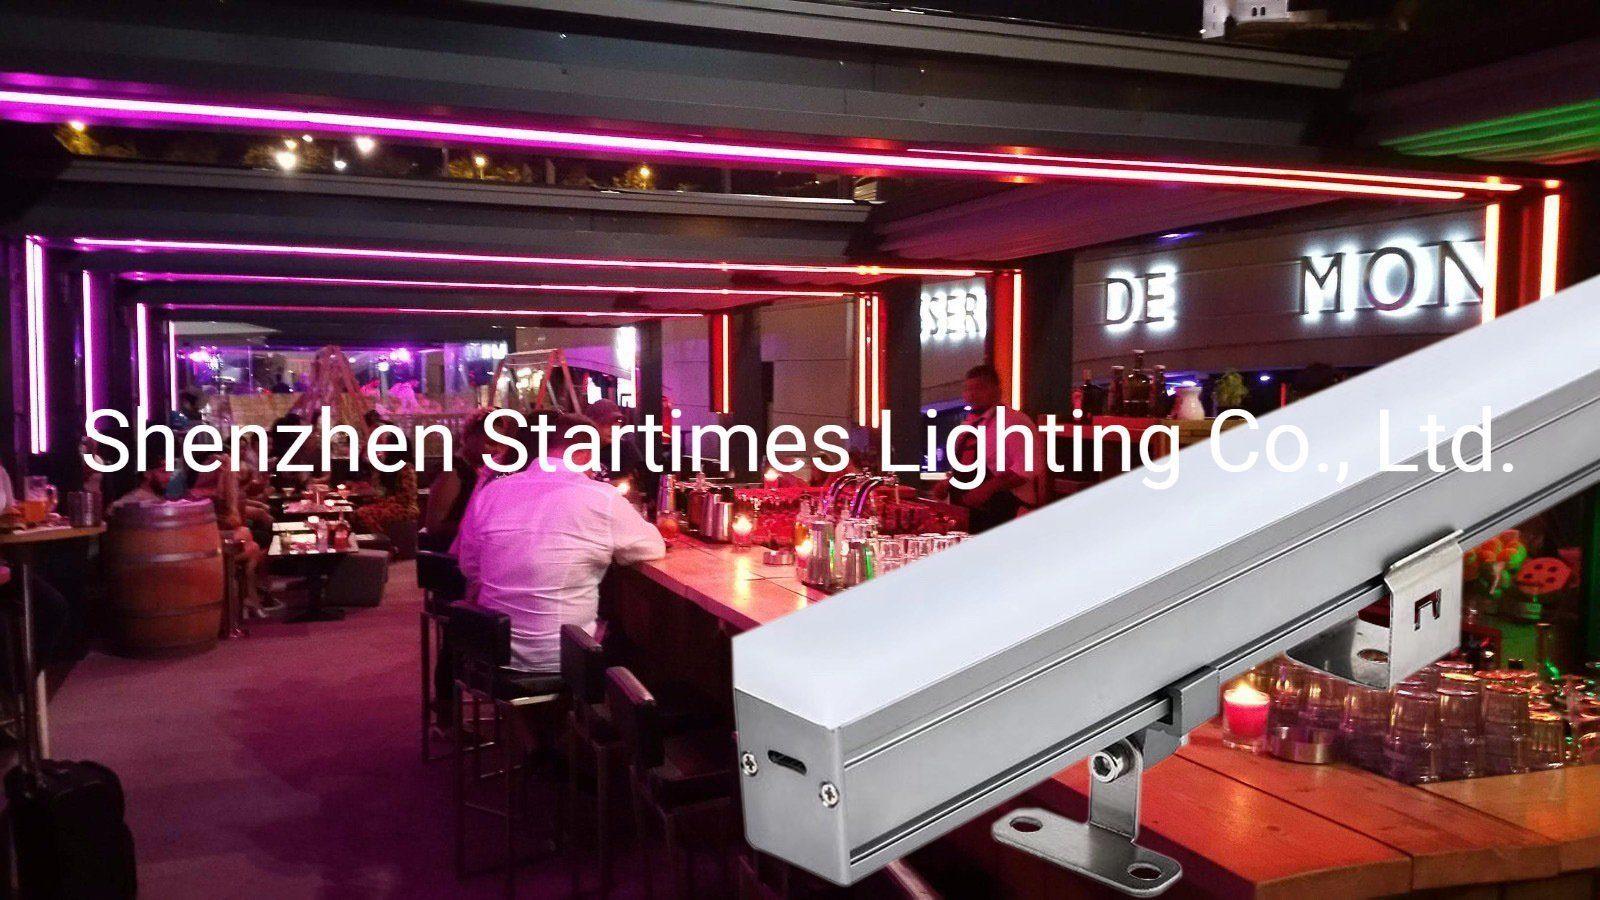 屋外の装飾ライト結婚式の装飾LEDの照明5年の保証アドレス指定可能なLEDピクセル管のMadrix棒ライトクリスマスの